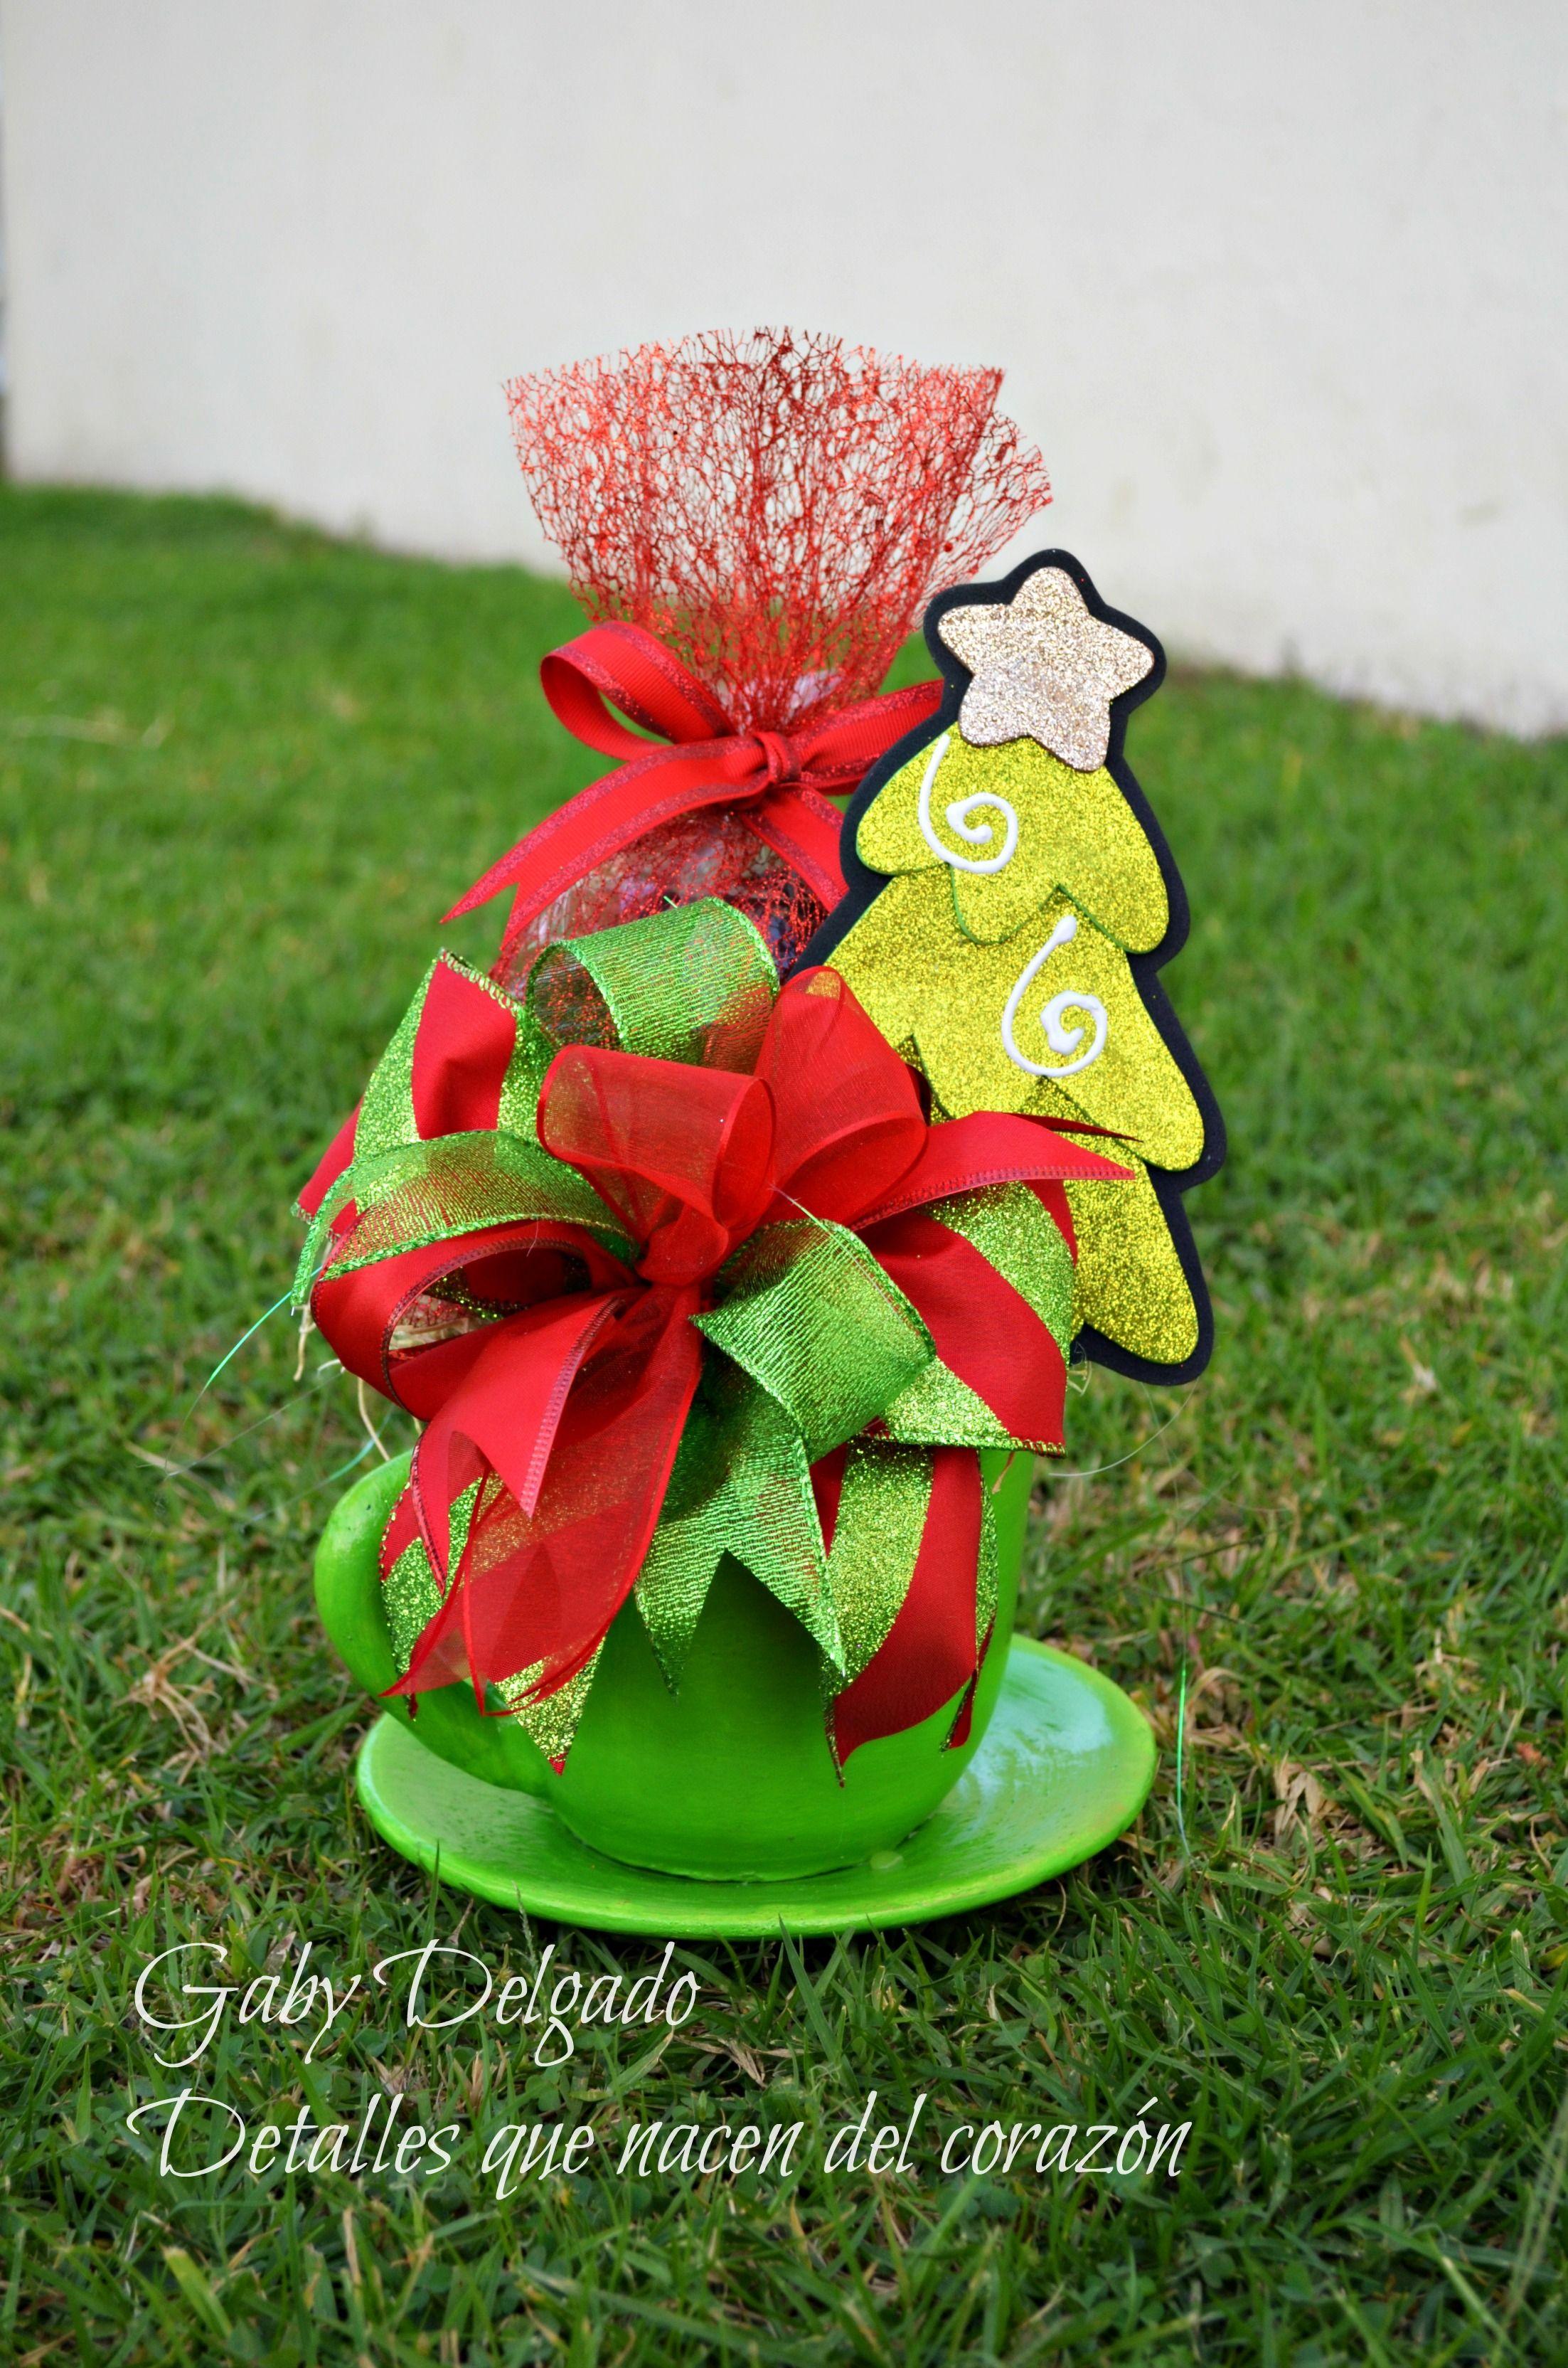 Pin by abby on detalles con globos pinterest - Detalles de navidad manualidades ...